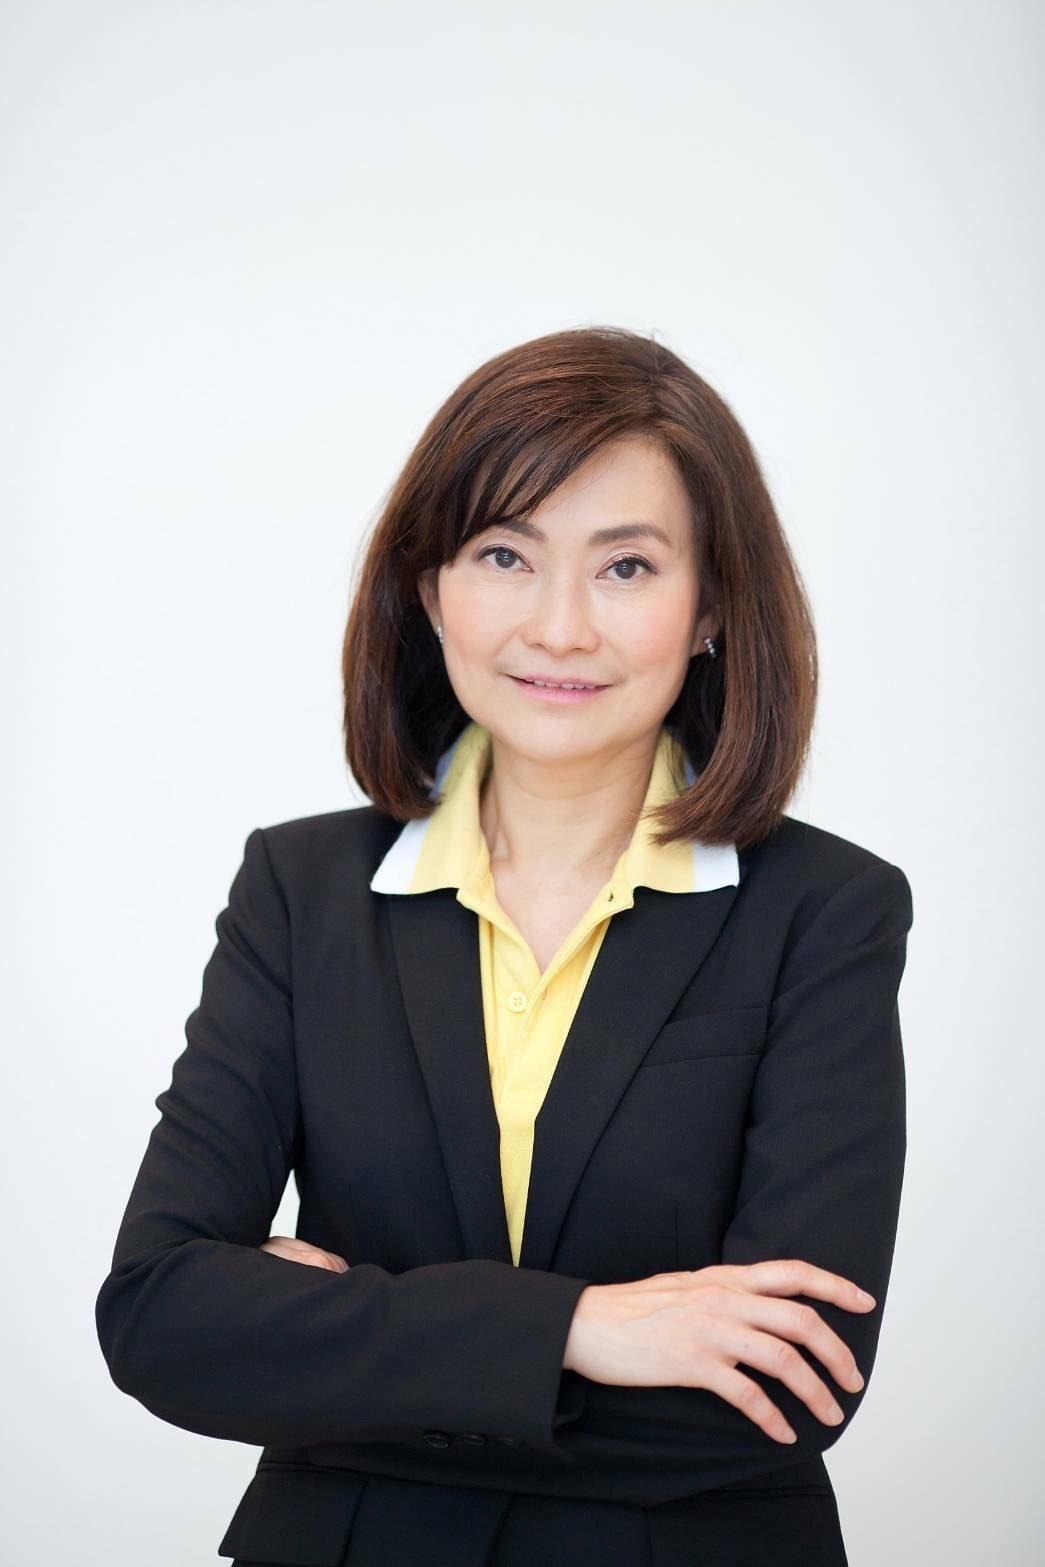 'บลจ.กรุงไทย' เปิดขายกองทุนตราสารหนี้ทั่วโลก ลงทุนขั้นต่ำ 1,000 บาท พร้อมย้ำศึกษาให้ชัดเจน